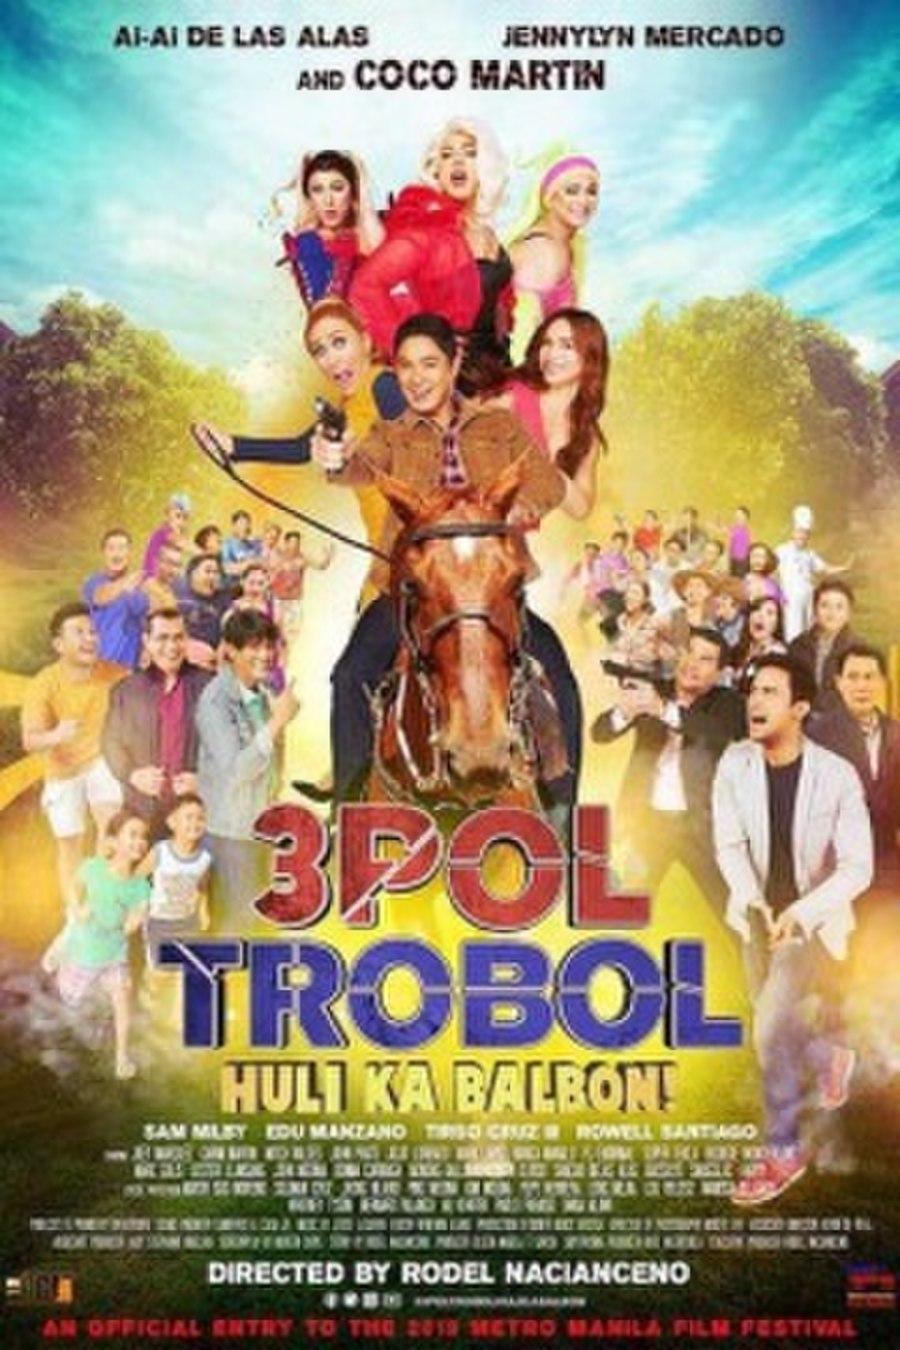 3pol Trobol: Huli Ka Balbon!